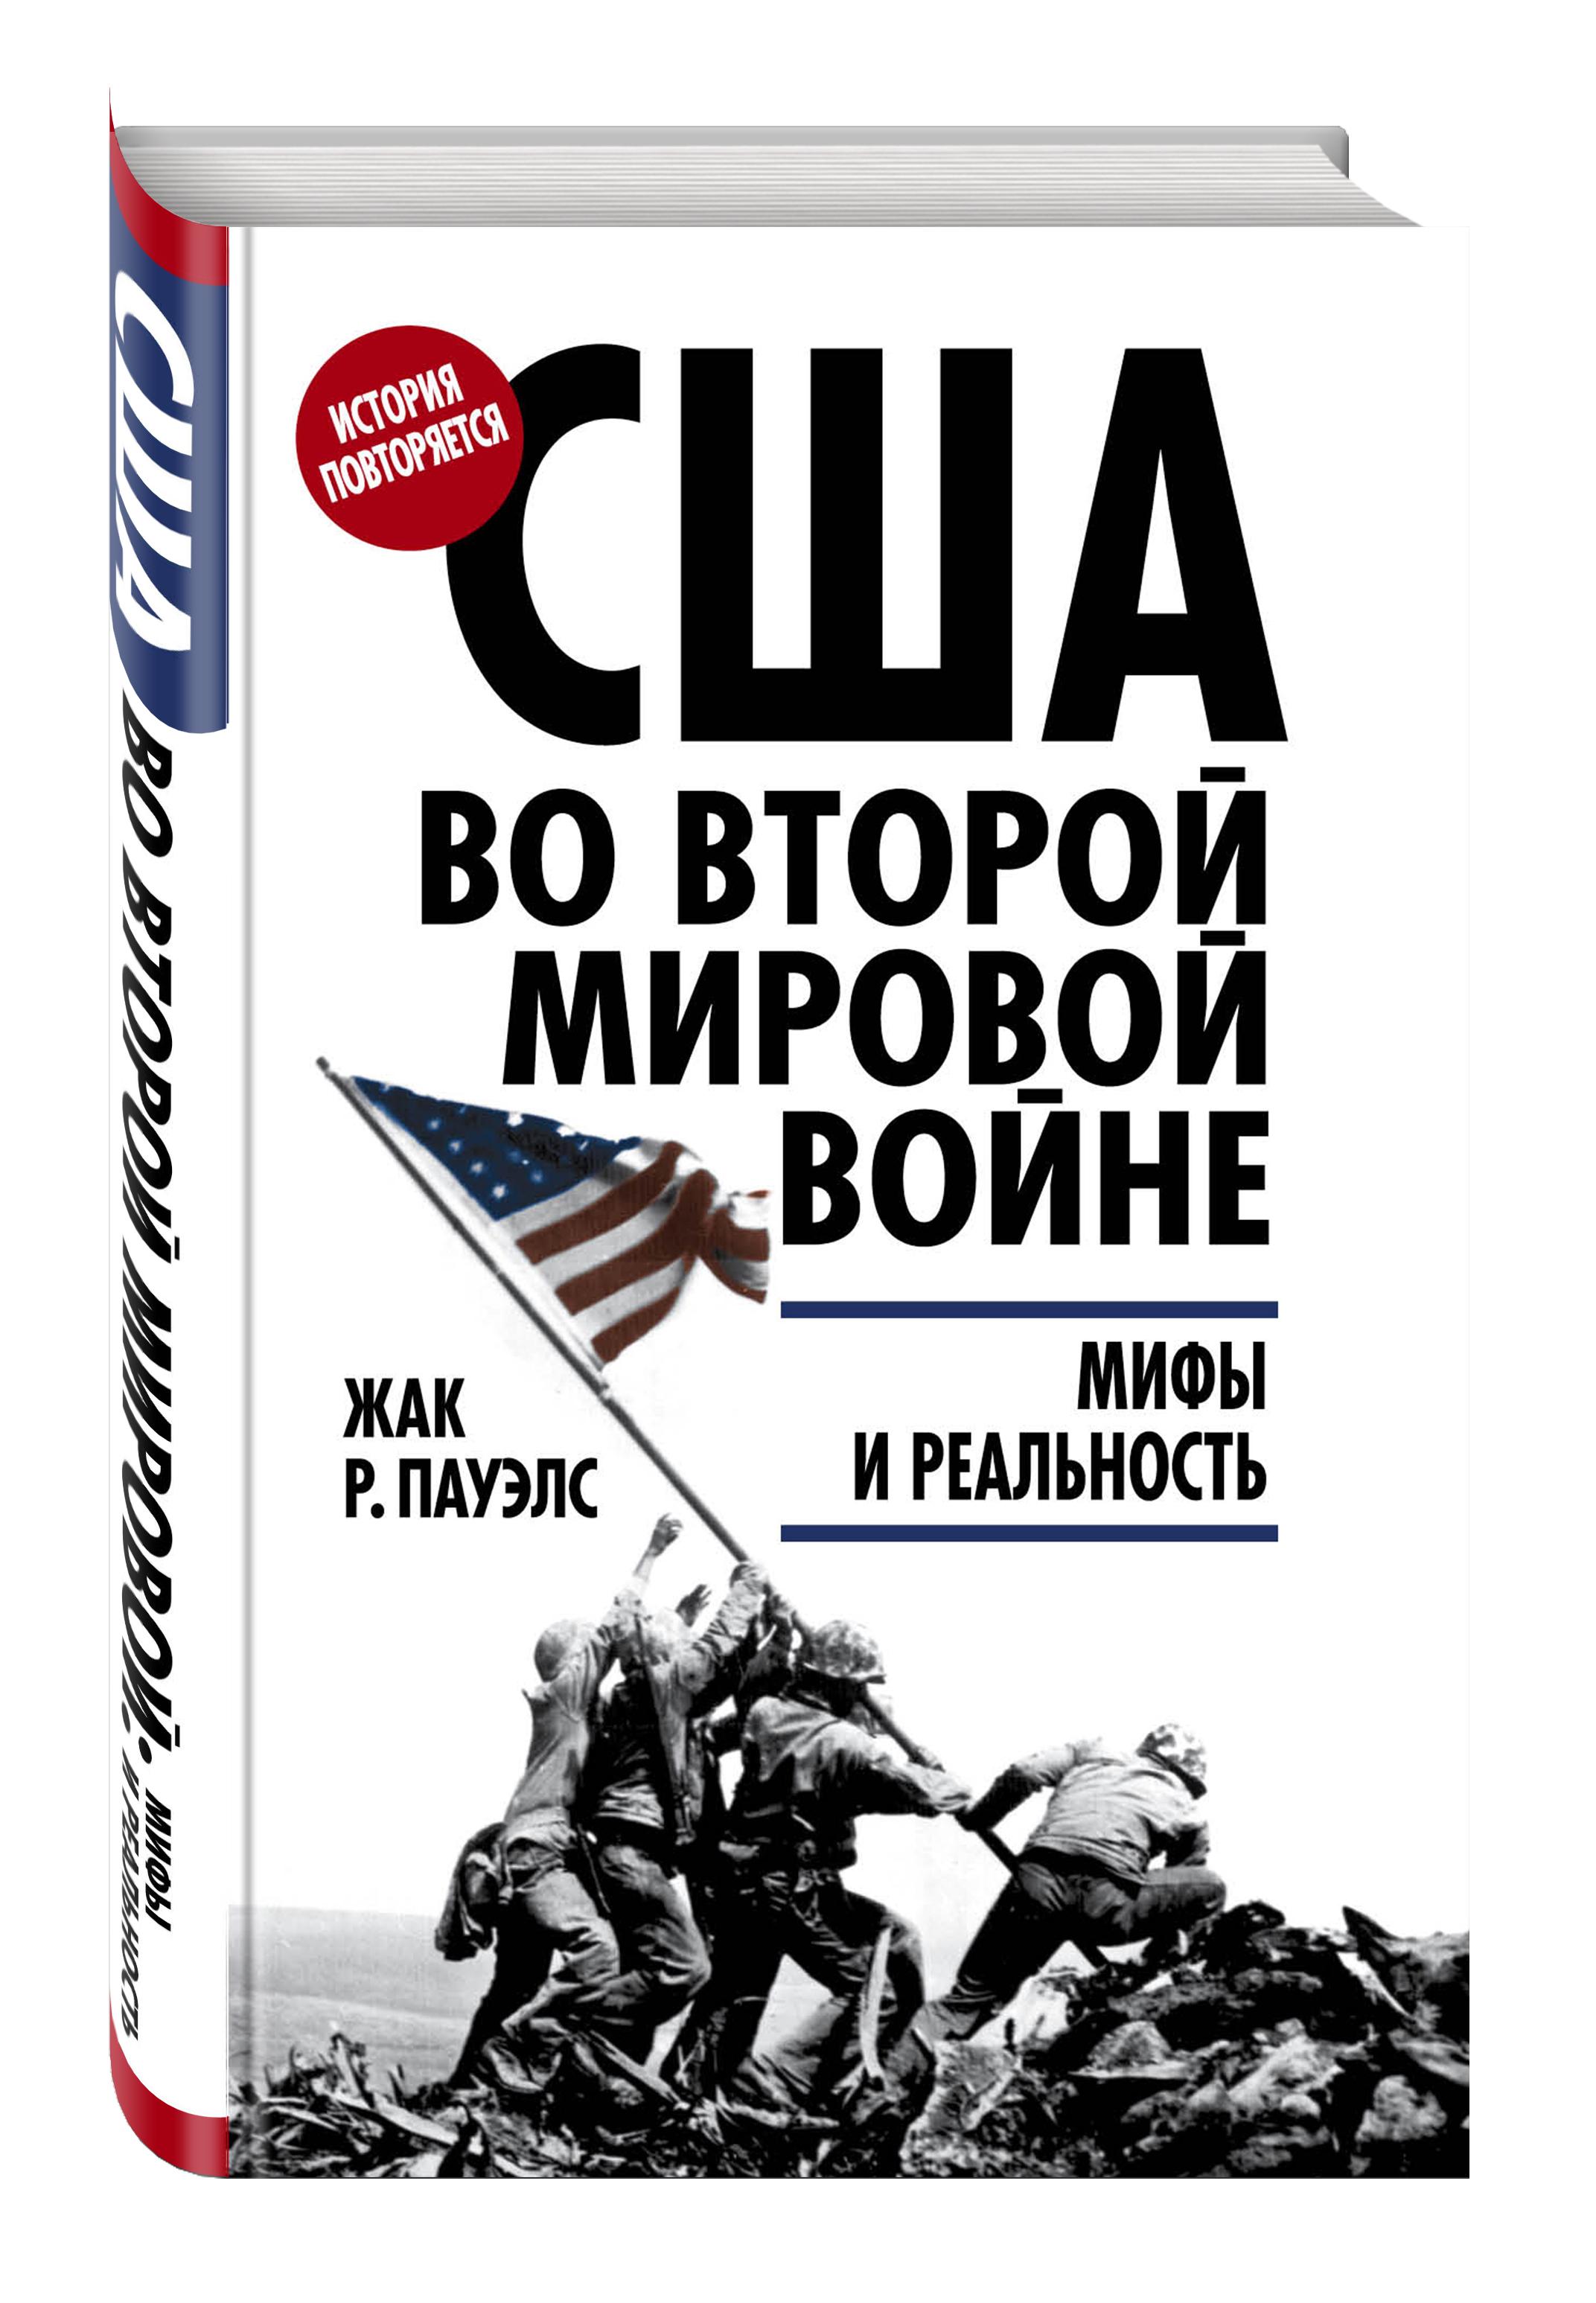 Пауэлс Ж.Р. США во Второй мировой войне: мифы и реальность валентин рунов удар по украине вермахт против красной армии